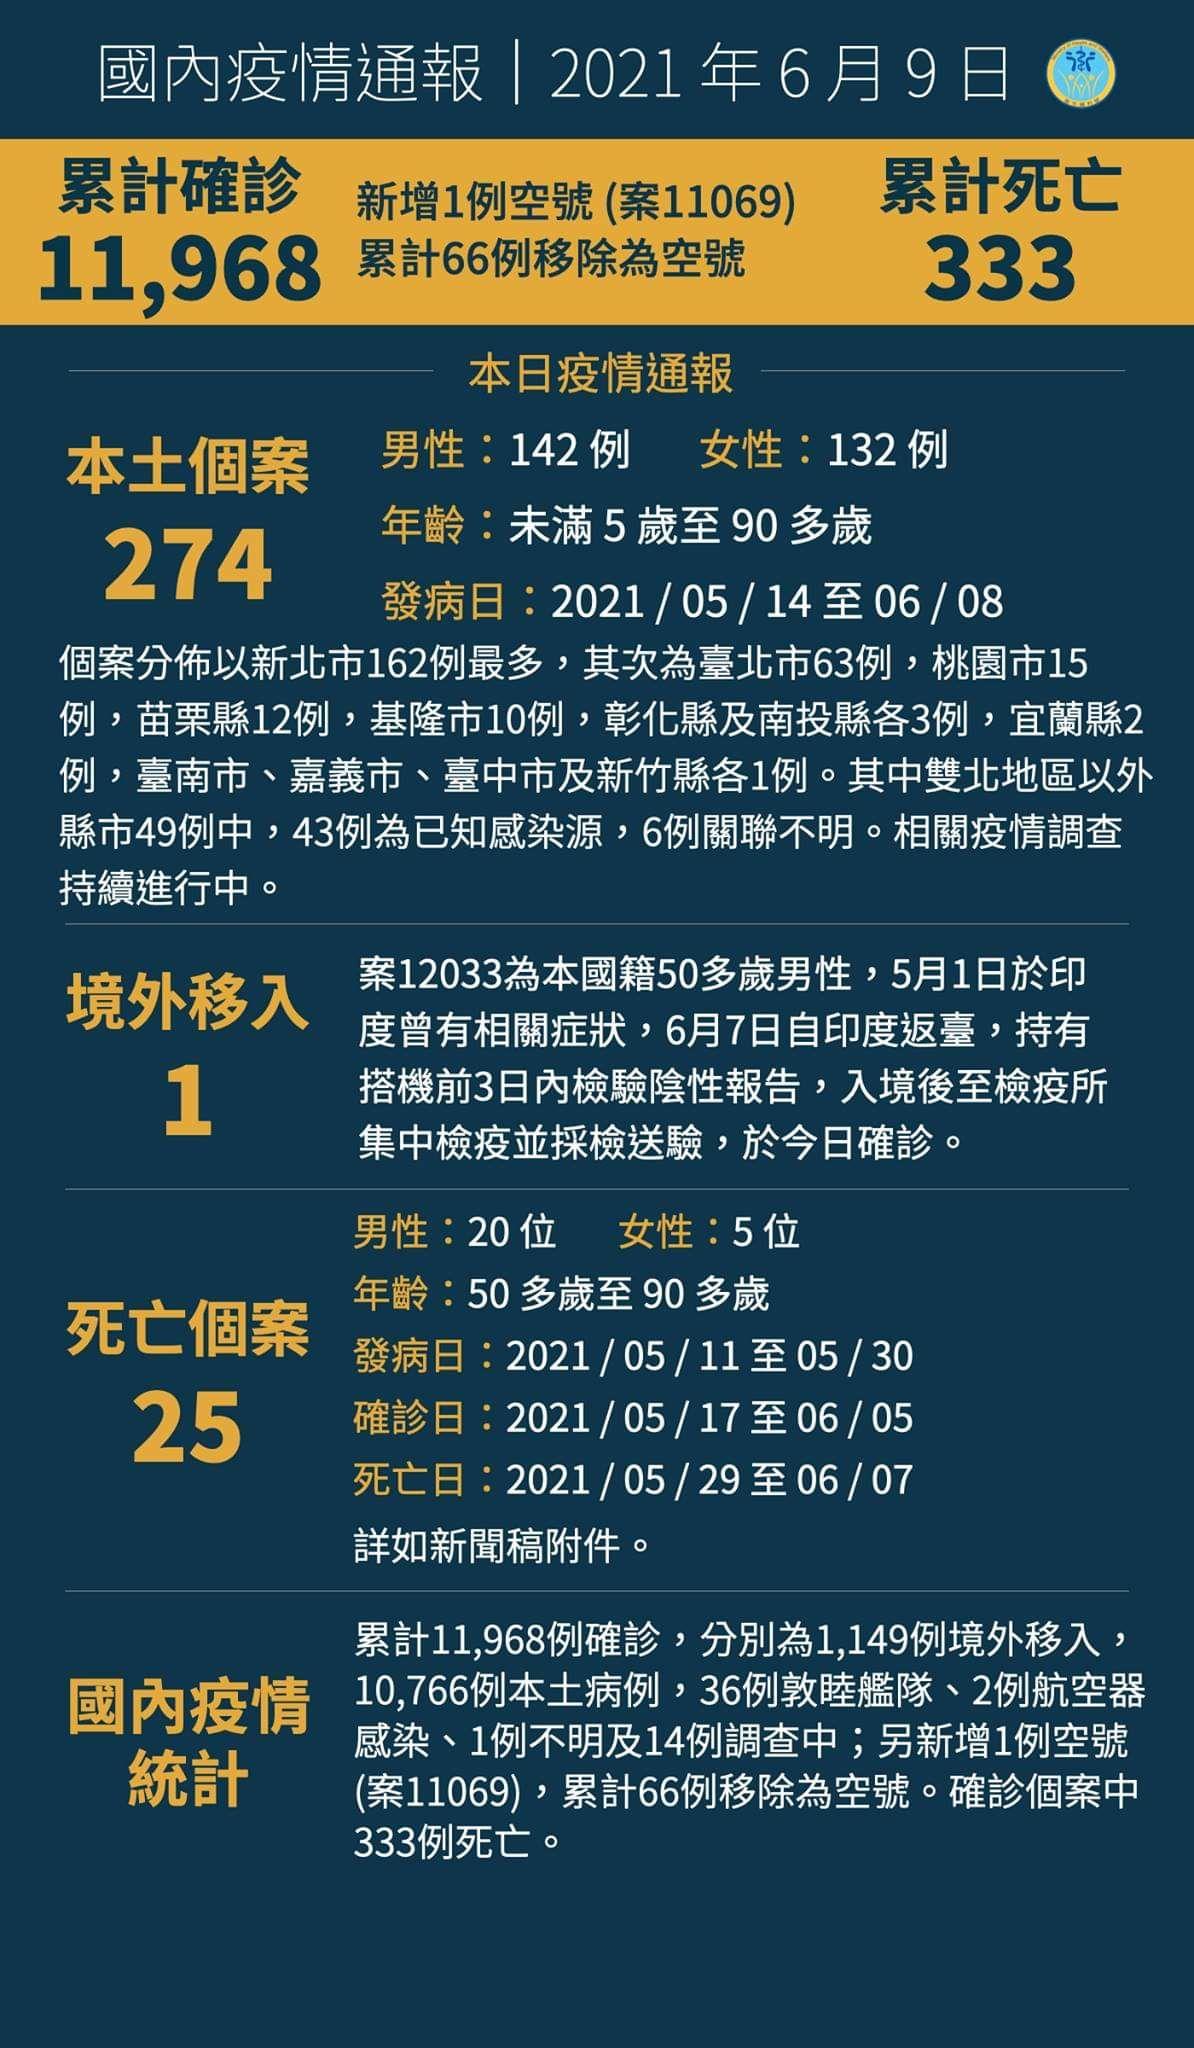 6/9新增本土個案274人、死亡25人。 @蹦啾♥謝蘿莉 La vie heureuse